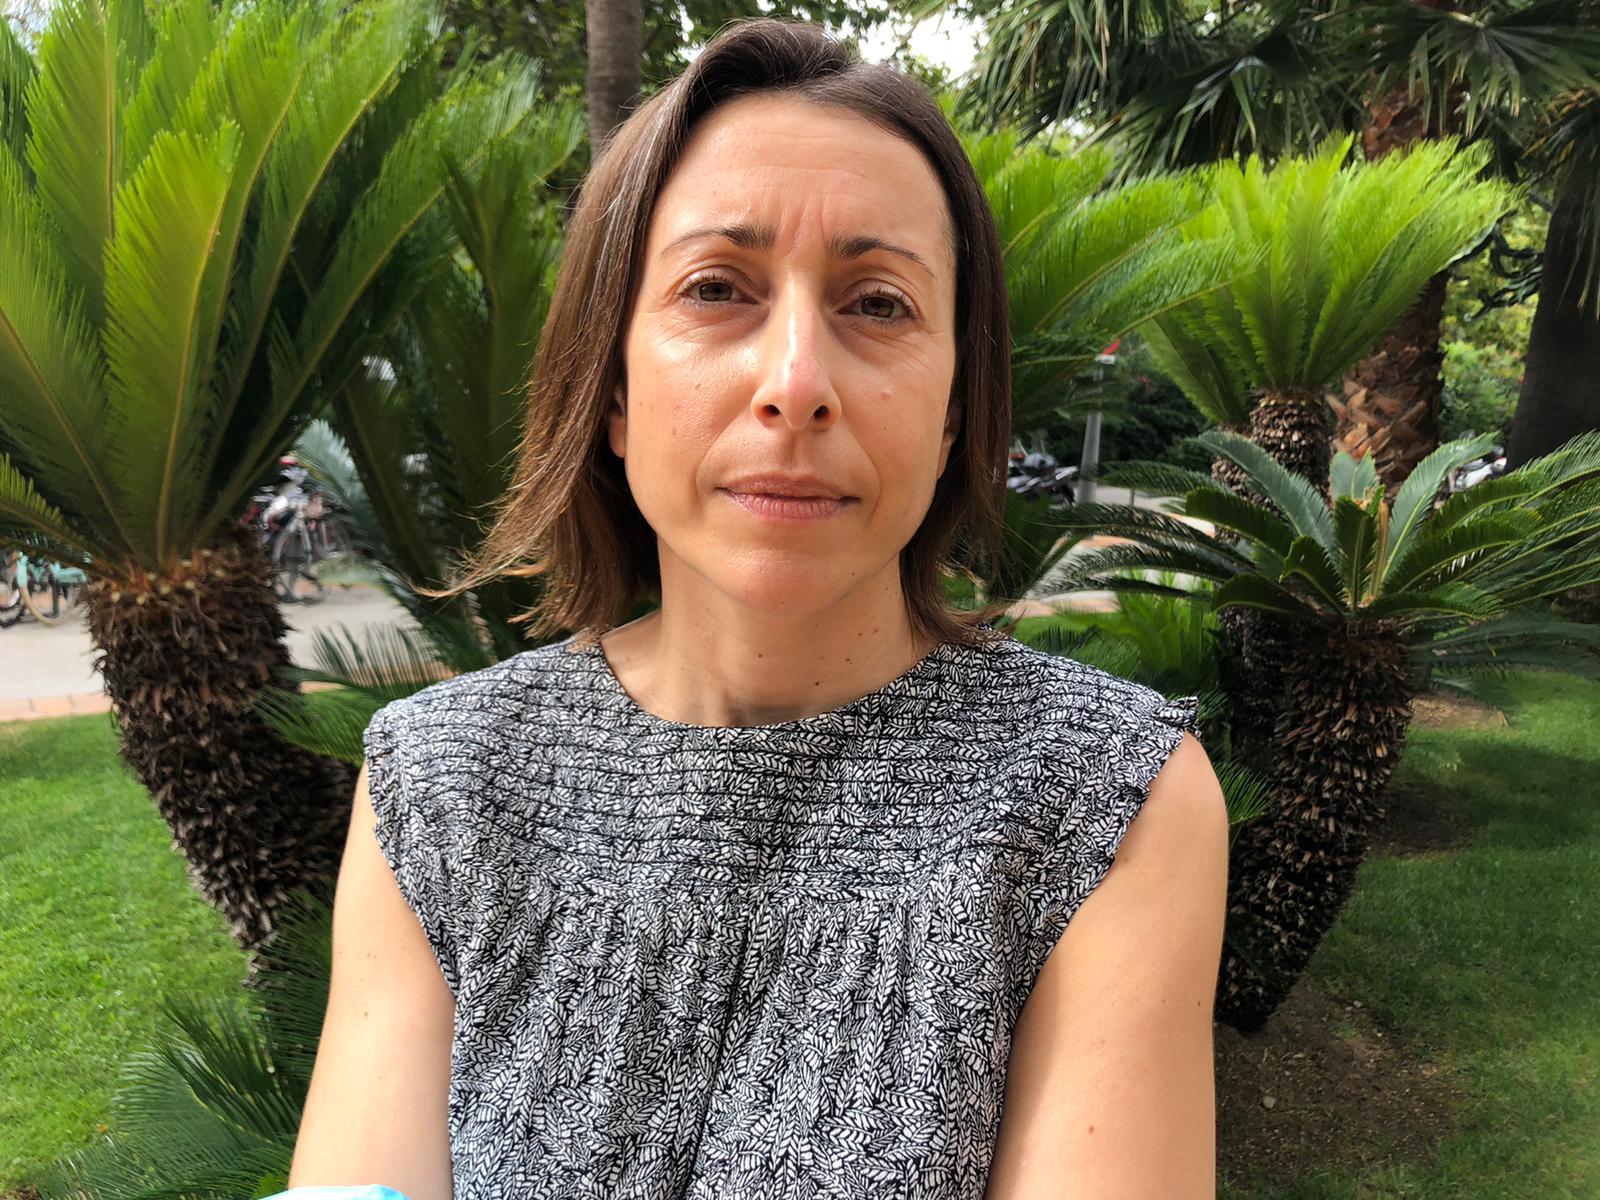 Da Madrid: intervista a Rocìo Fernández, editor di narrativa straniera per Seix Barral